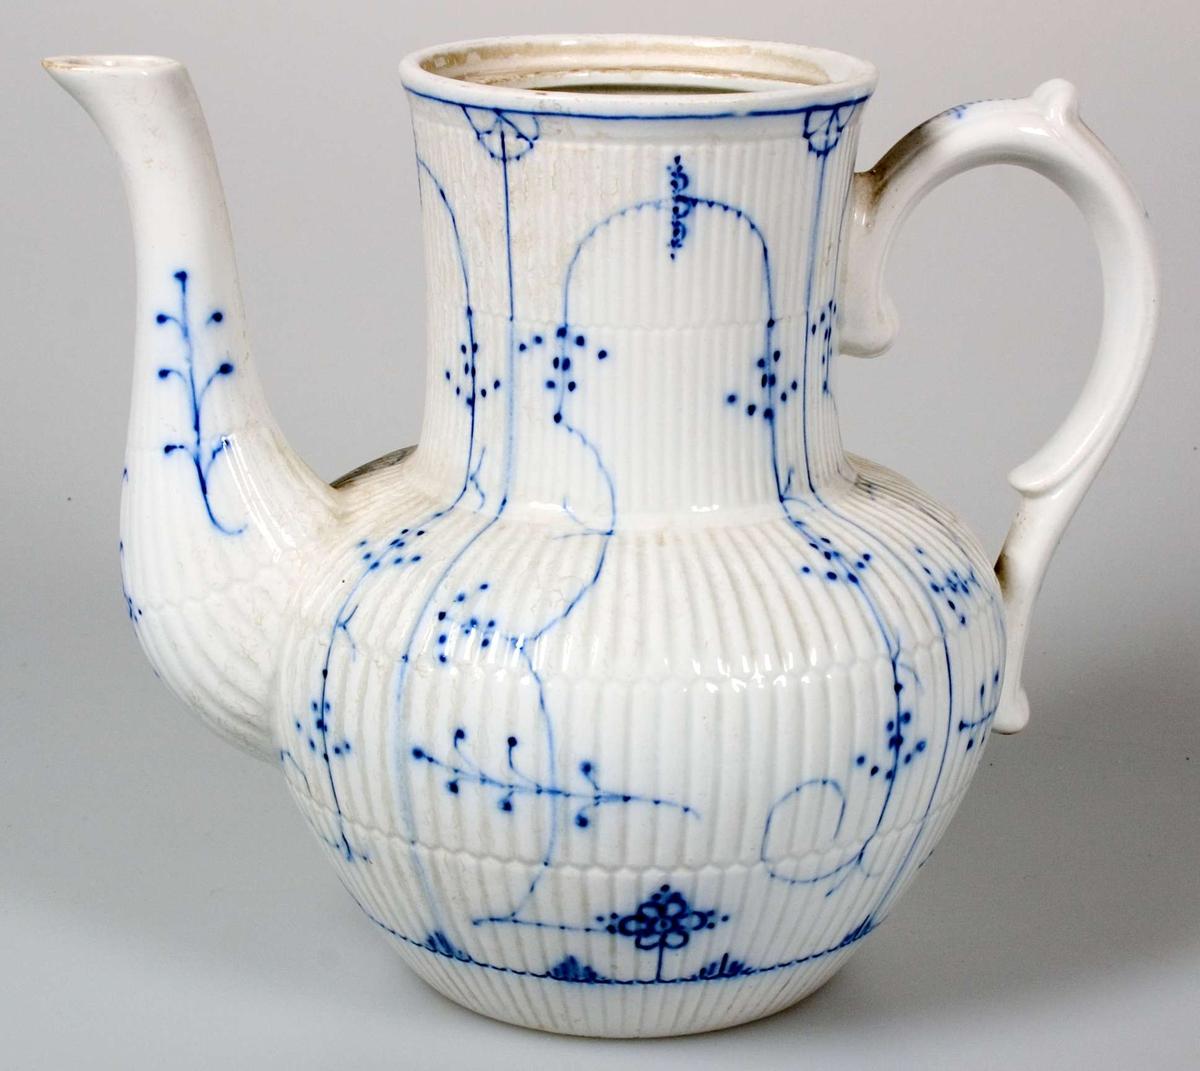 Kaffekanna av fältspatporslin. Vitglaserad med blå underglasyrdekor. Brun tryckt stämpel: VILEROY & BOCH DRESDEN. Lock saknas.